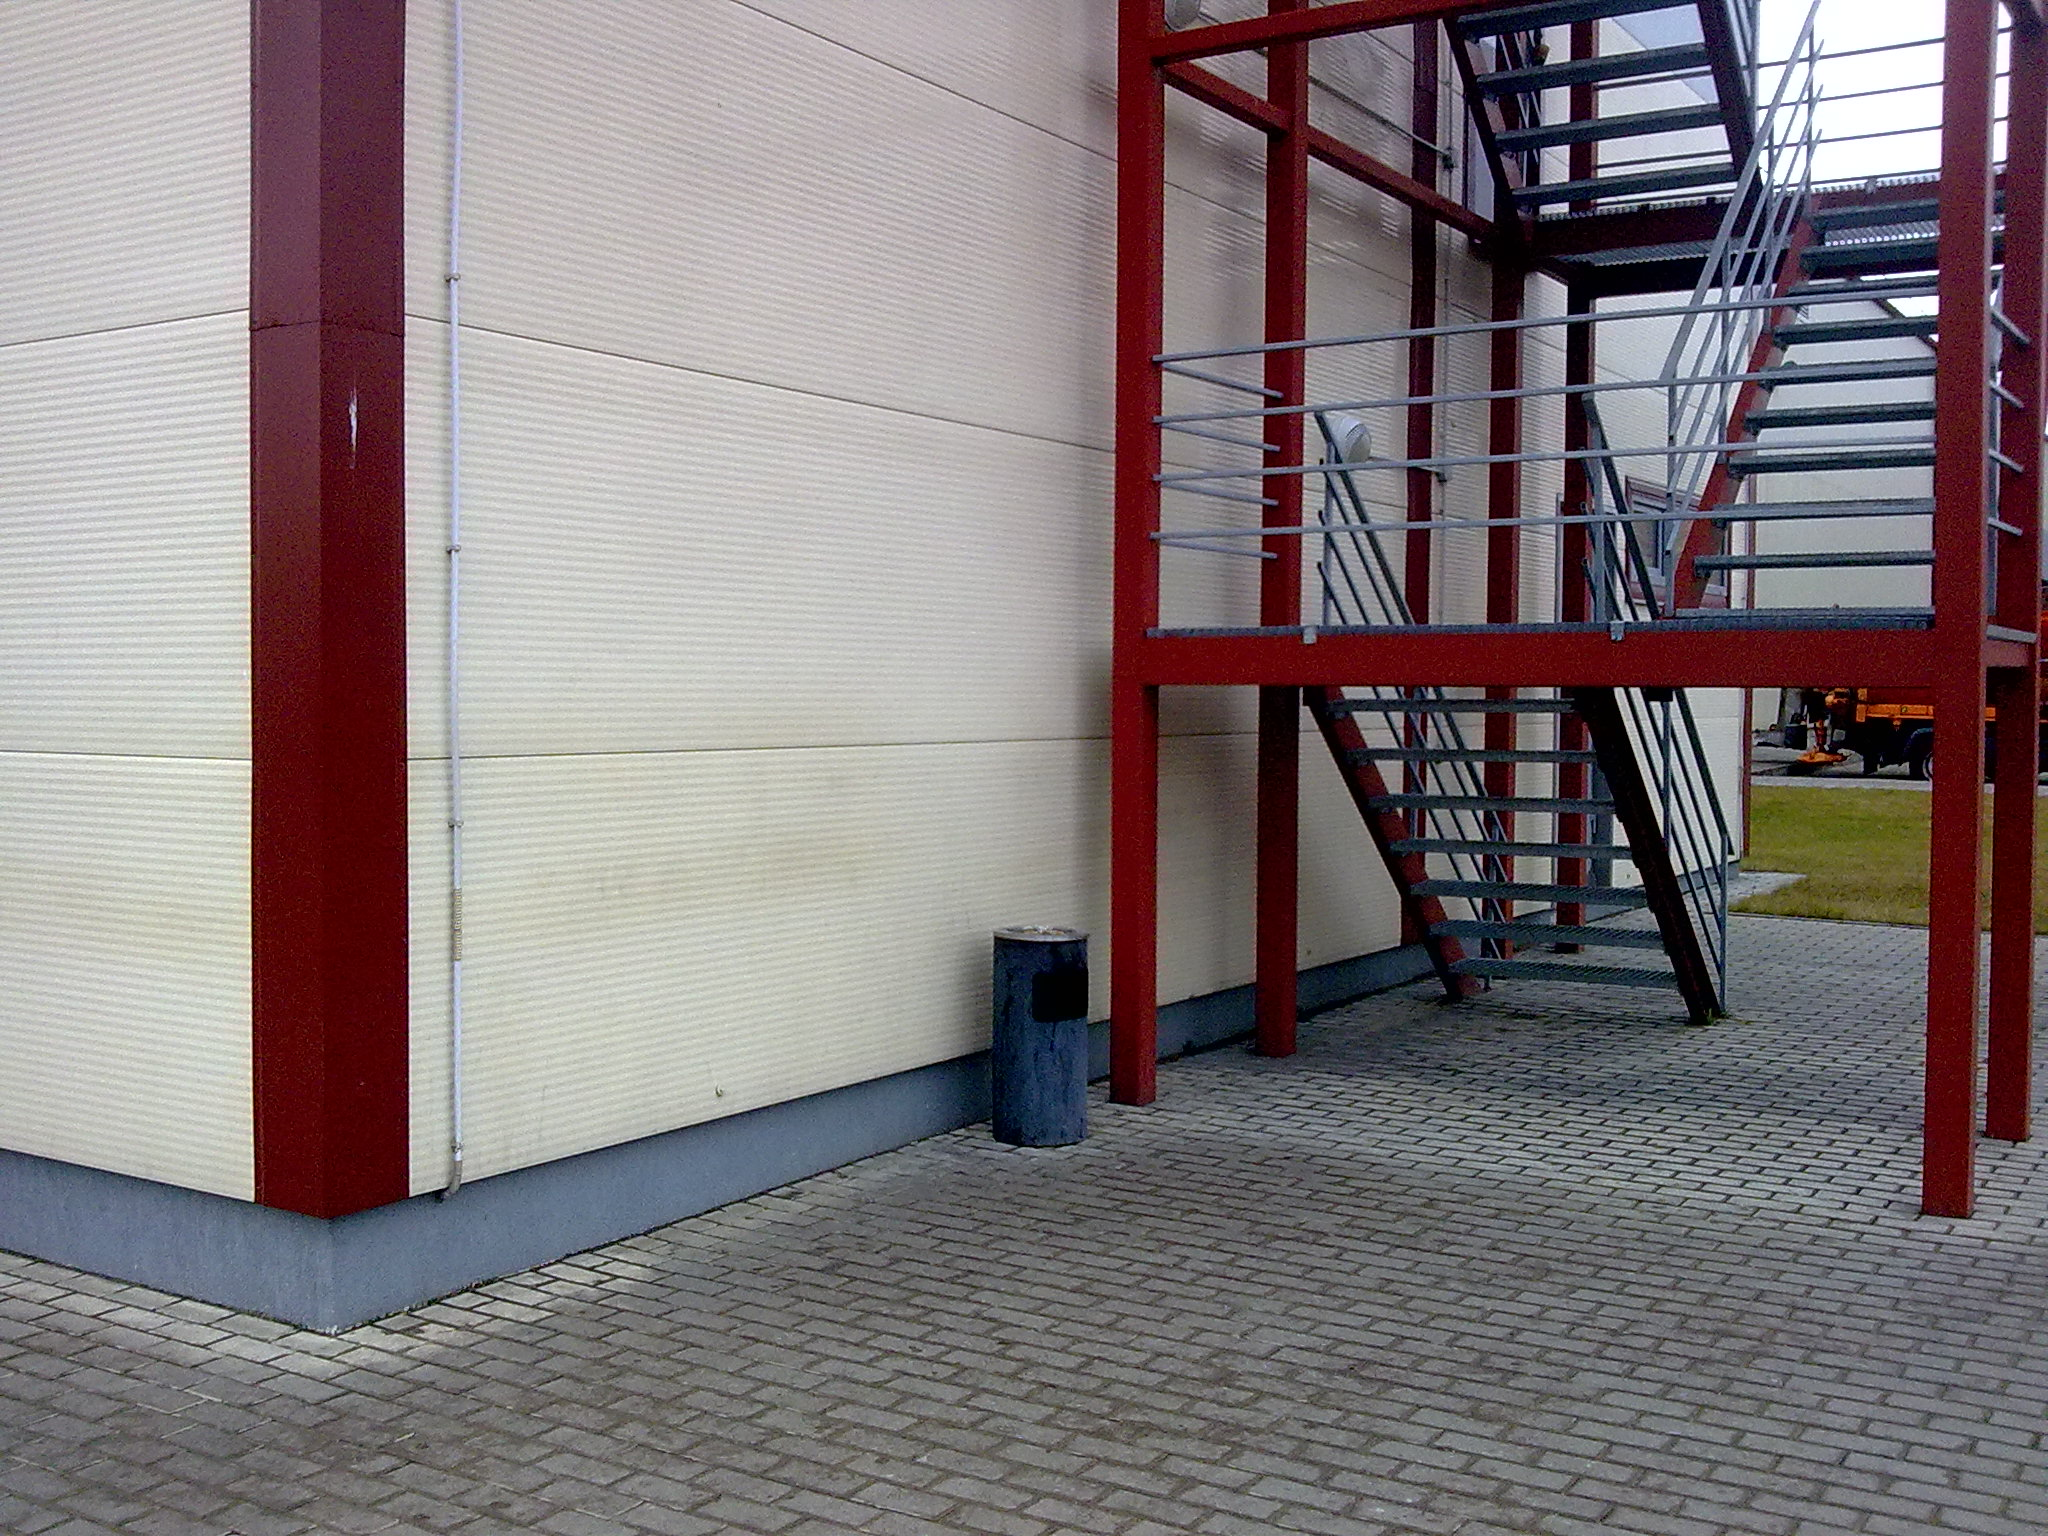 Laiptai 1